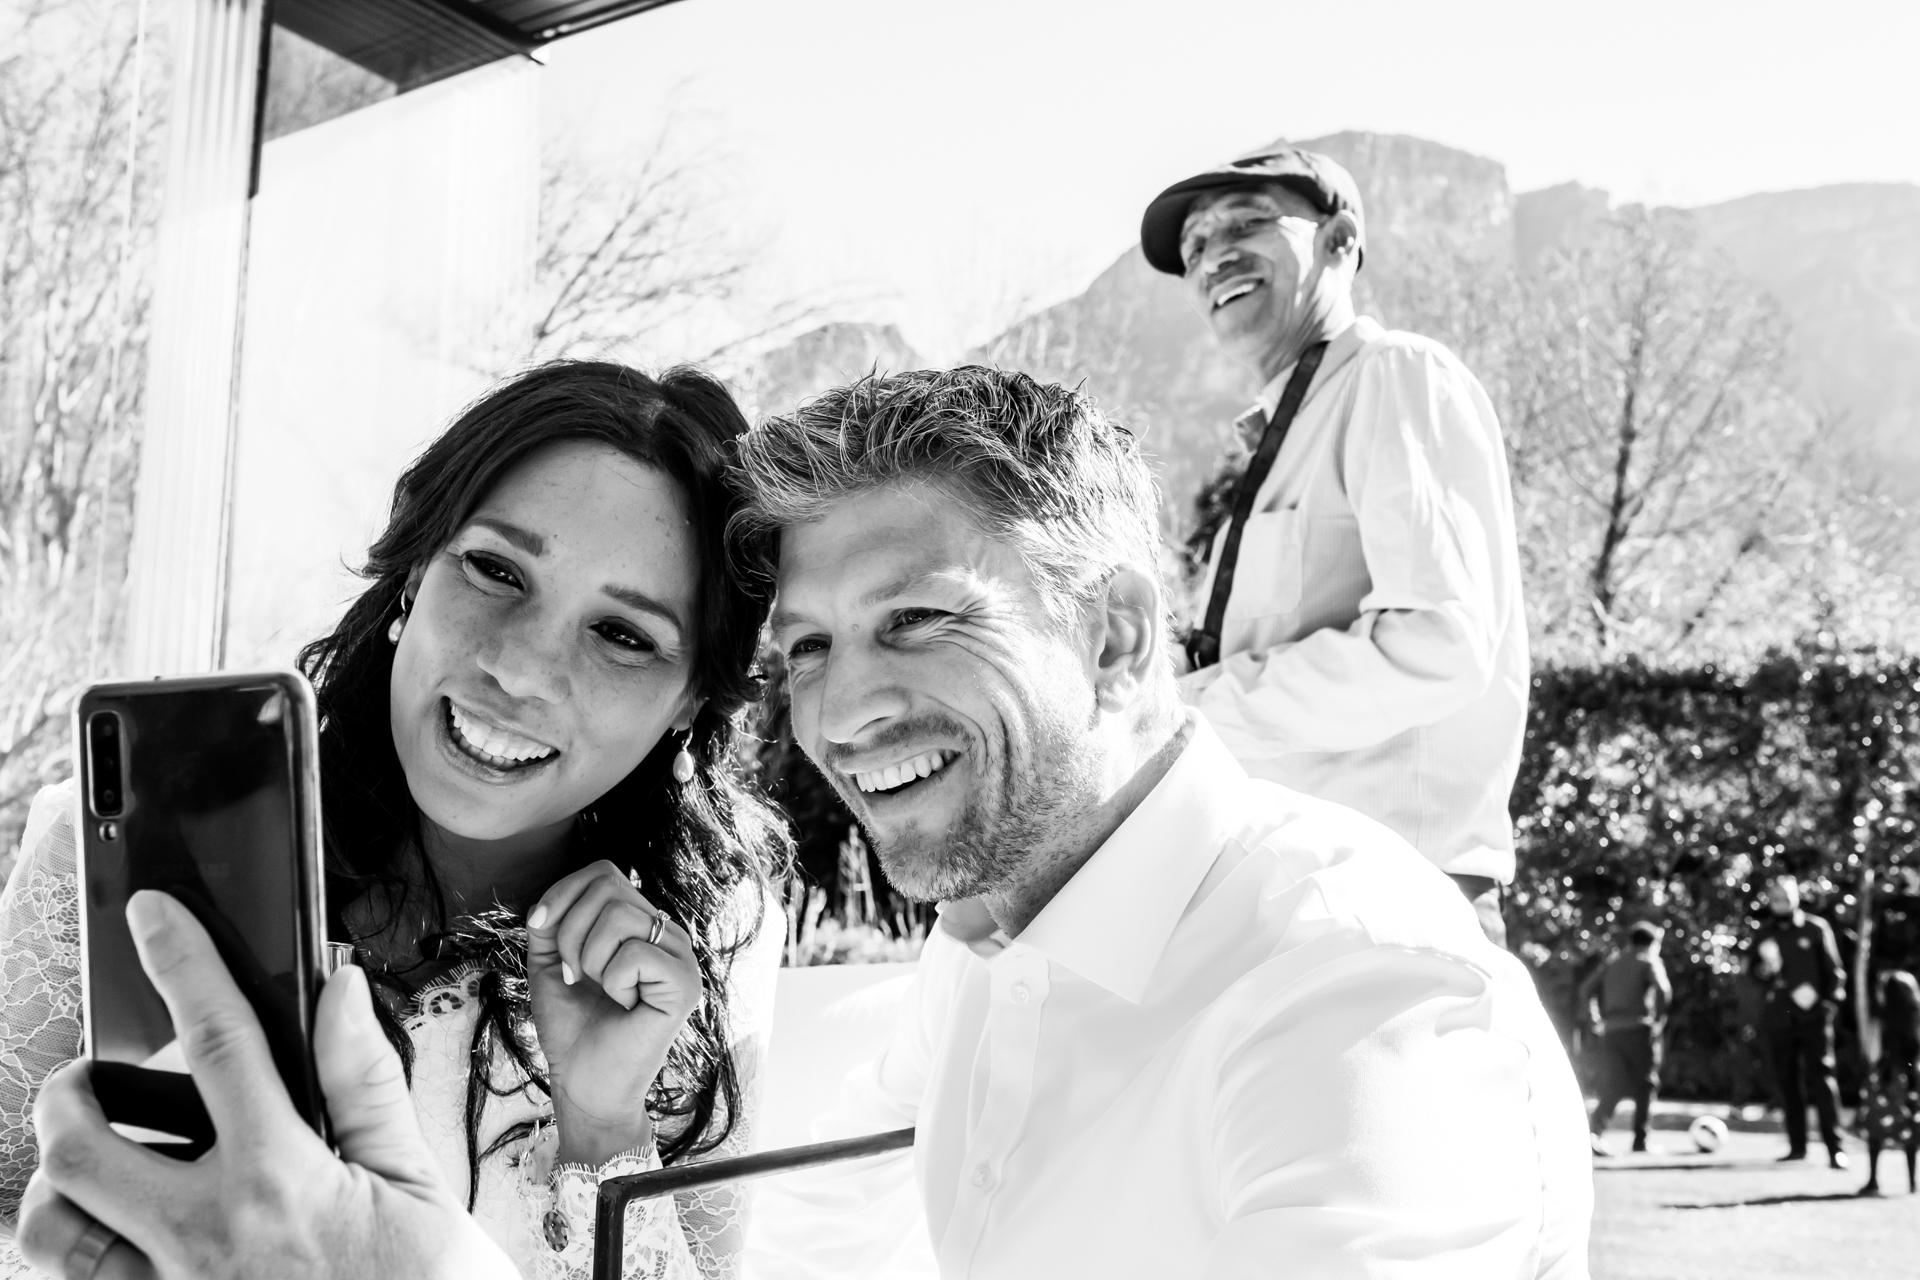 Foto del luogo del matrimonio da Arambrook Boutique Hotel | la coppia ha fatto una videochiamata per parlare con la famiglia e gli amici